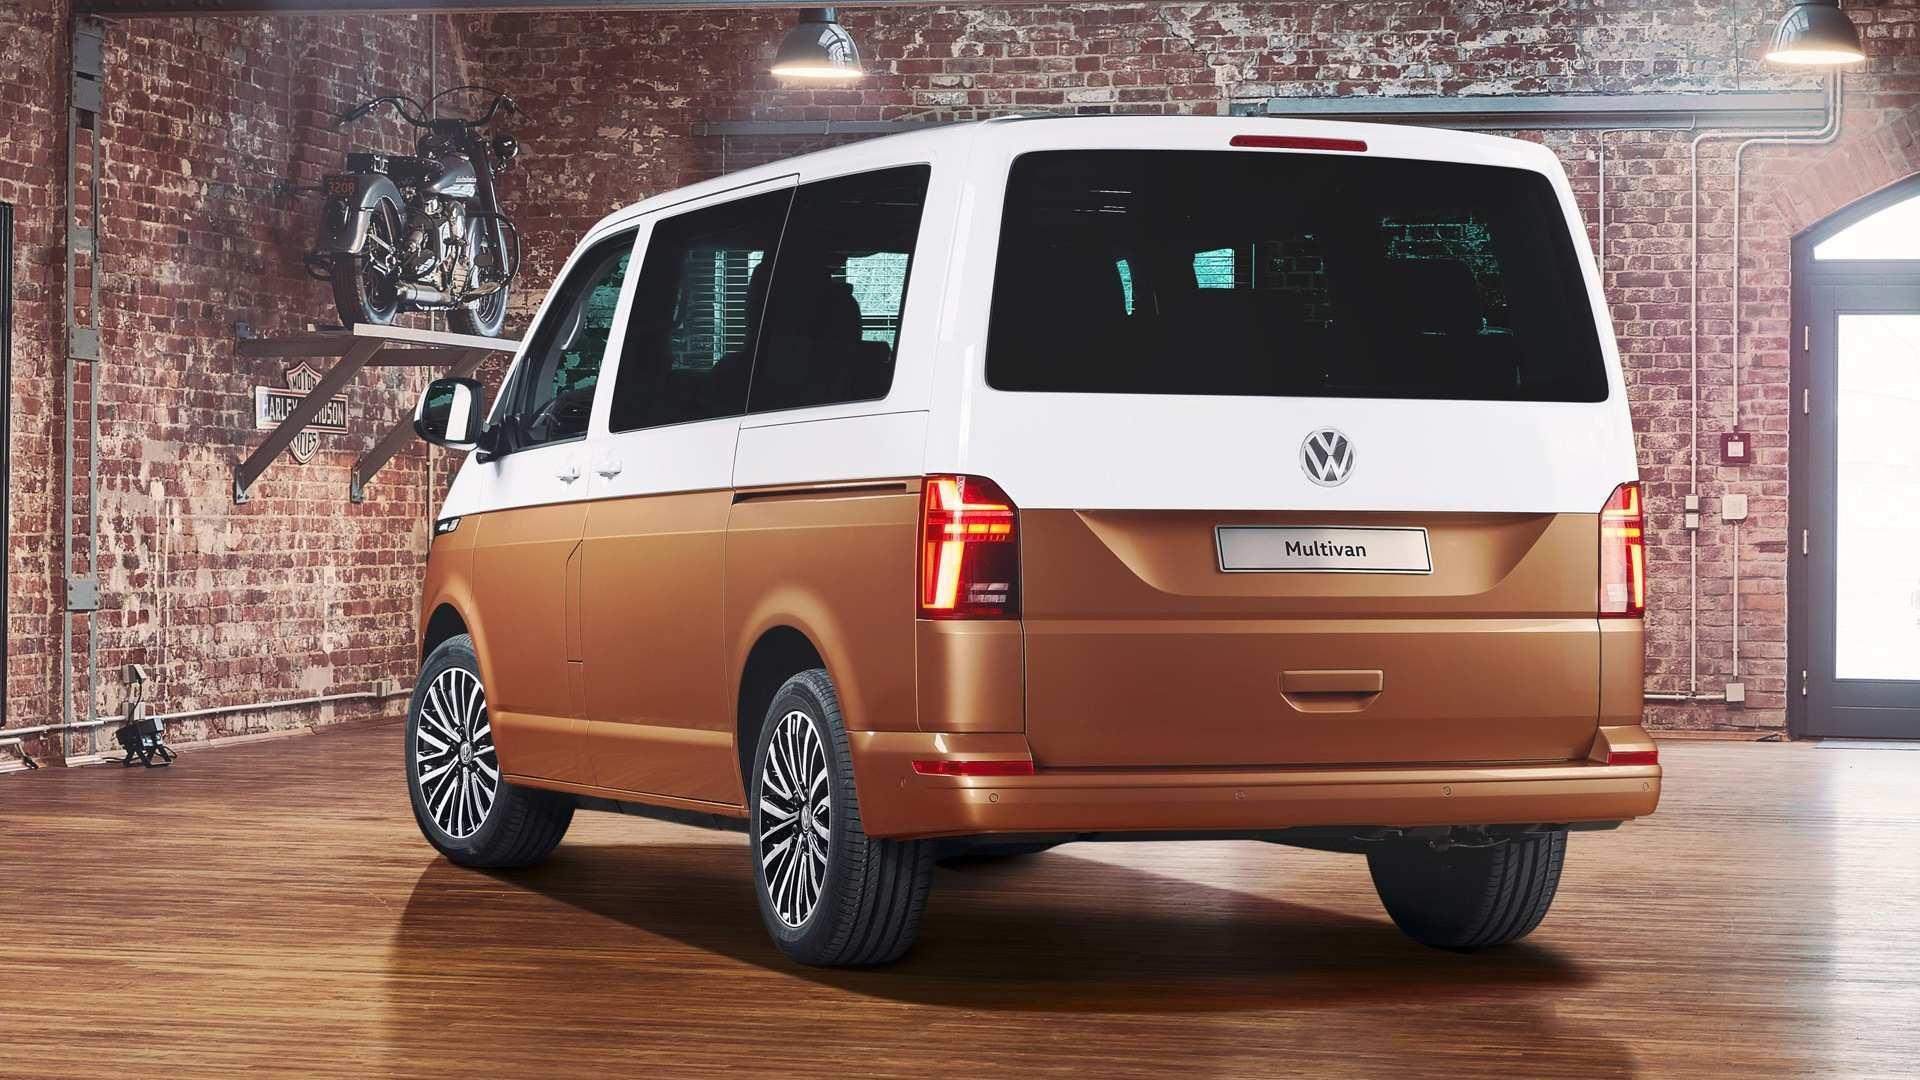 18 Concept of Volkswagen Transporter 2020 New Concept for Volkswagen Transporter 2020